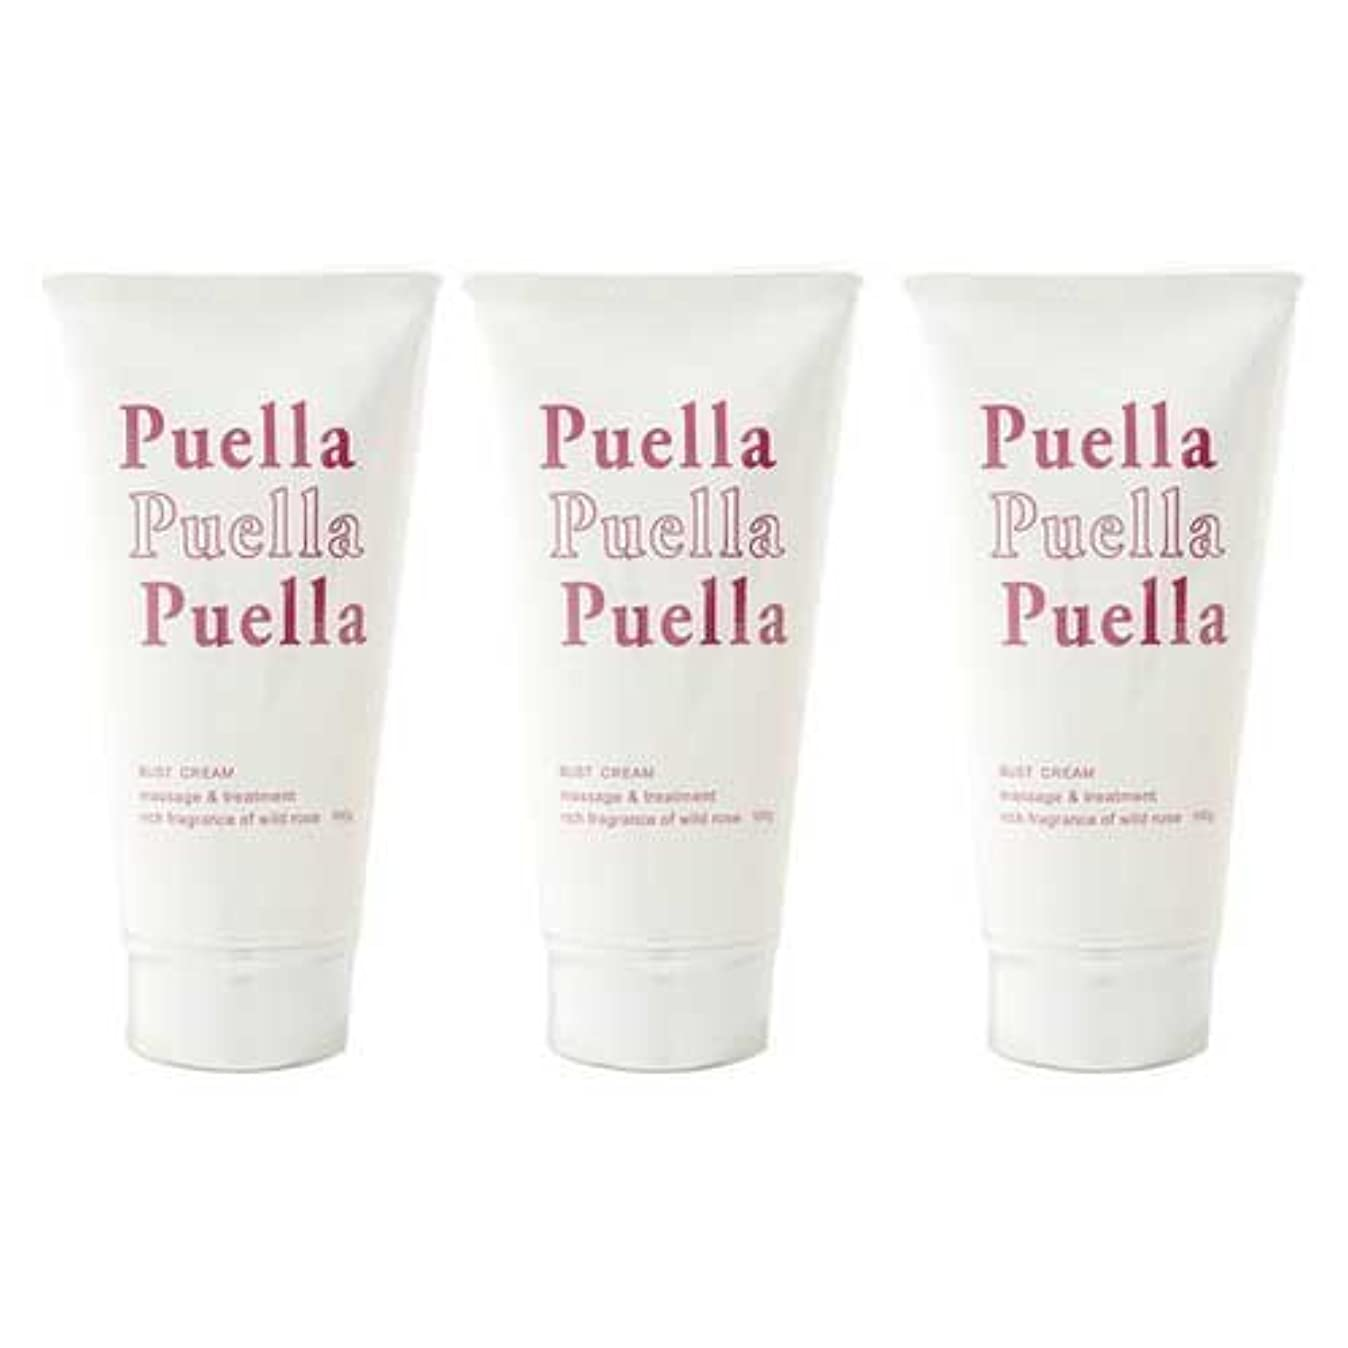 独特のサーフィン持つ3個セット puella(プエルラ)